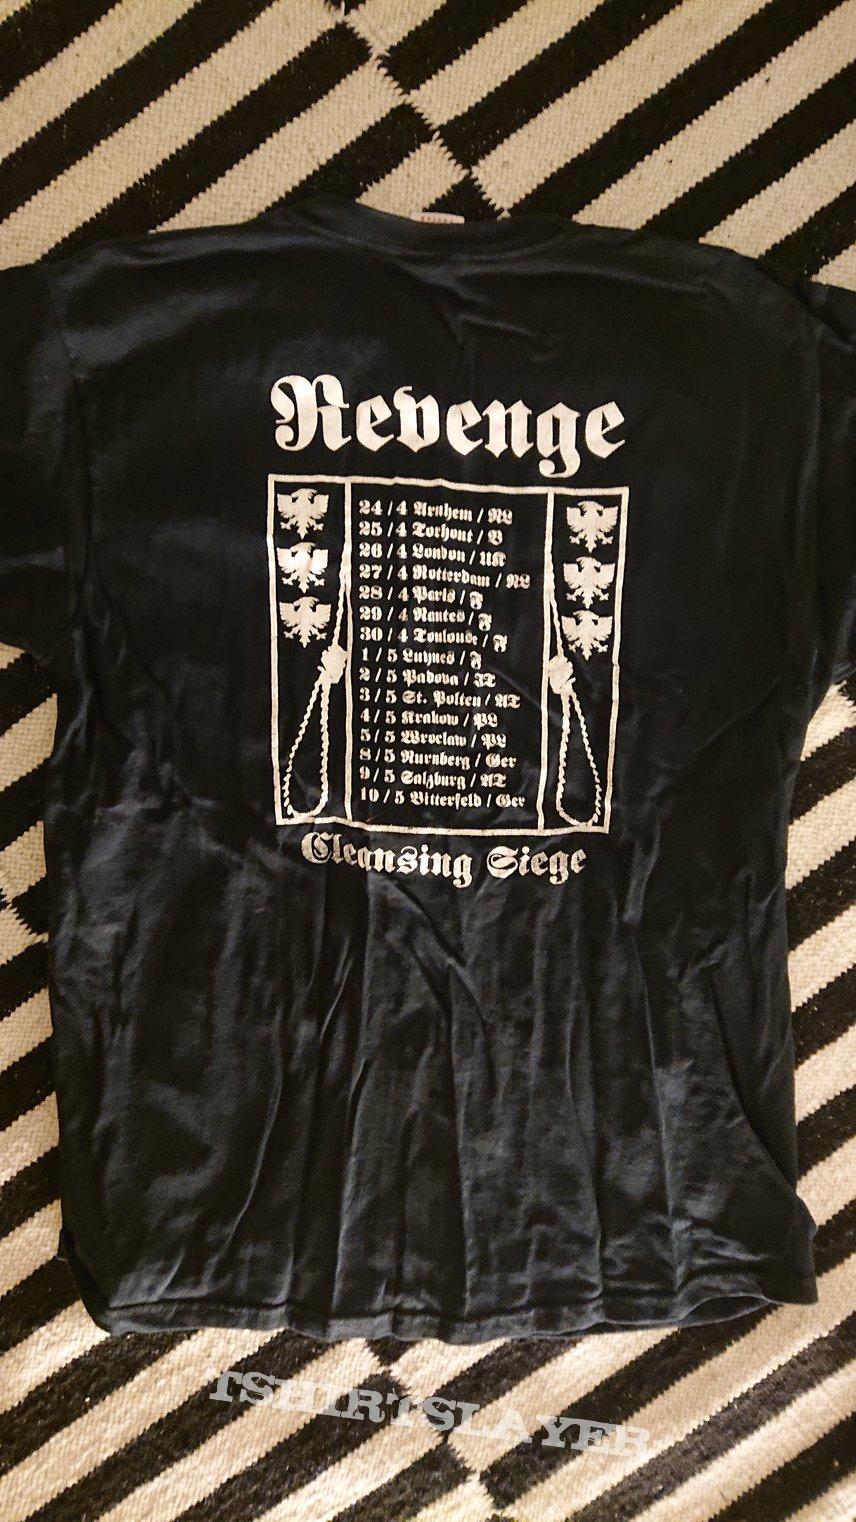 Revenge - Cleansing Siege T-shirt